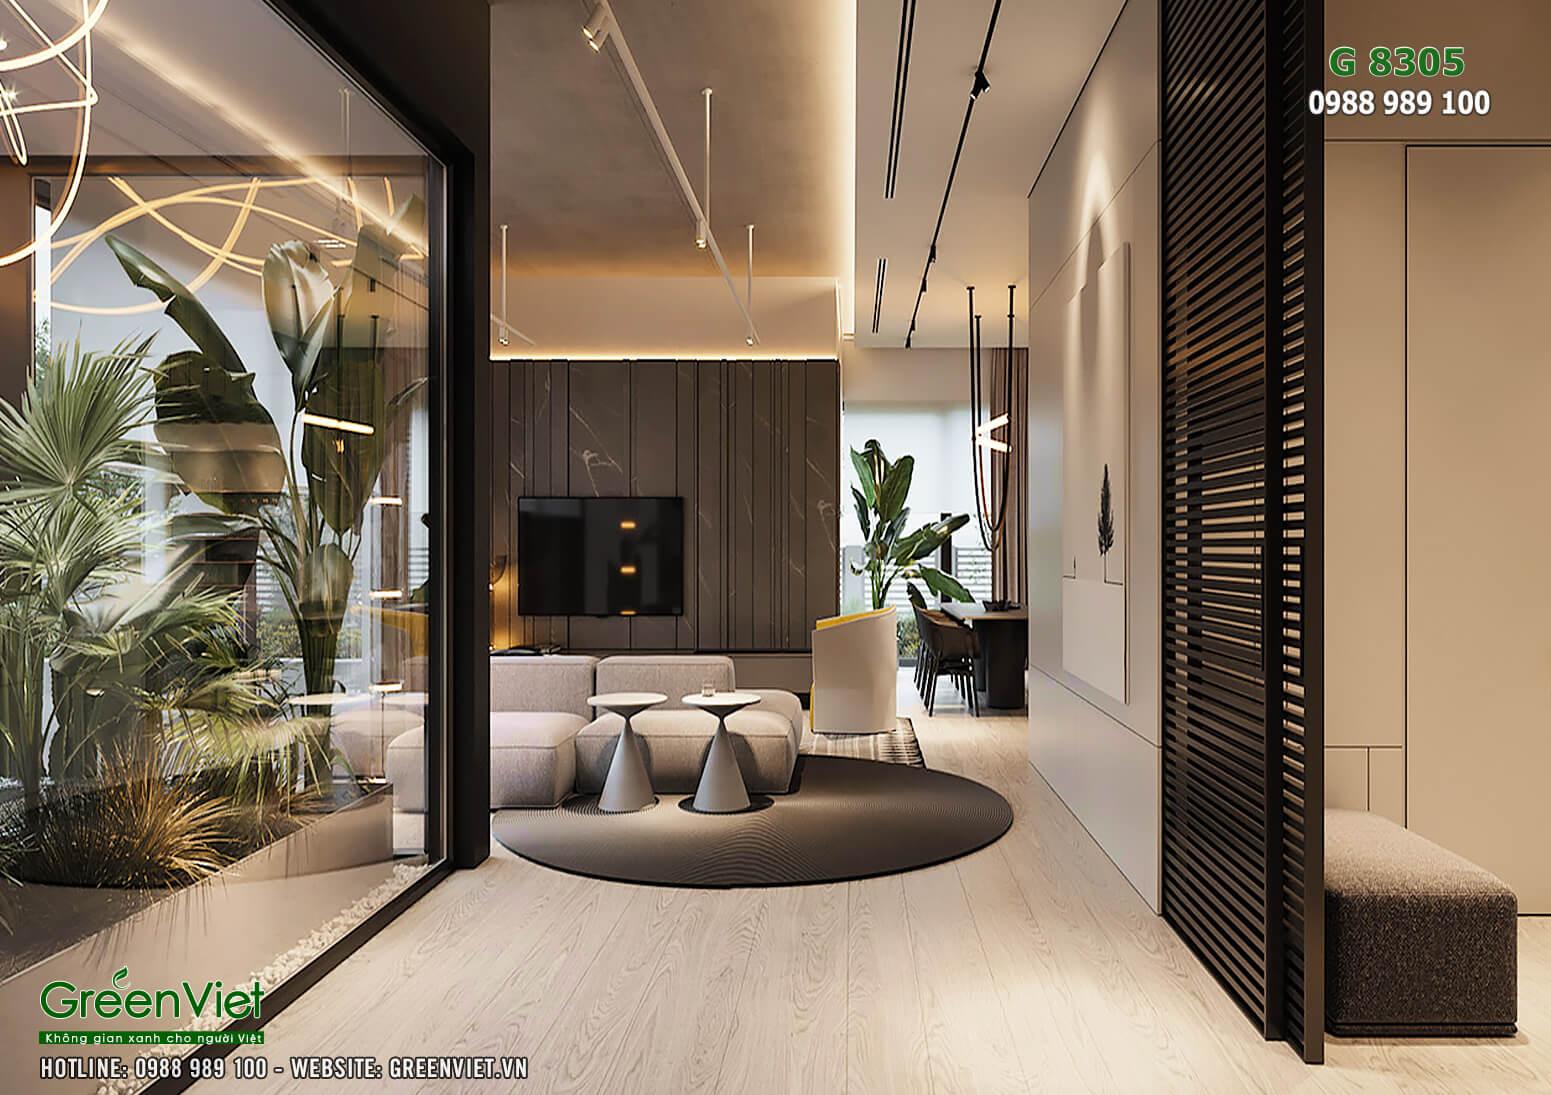 Hình ảnh: Thiết kế nội thất villa đẹp hiện đại - G8305